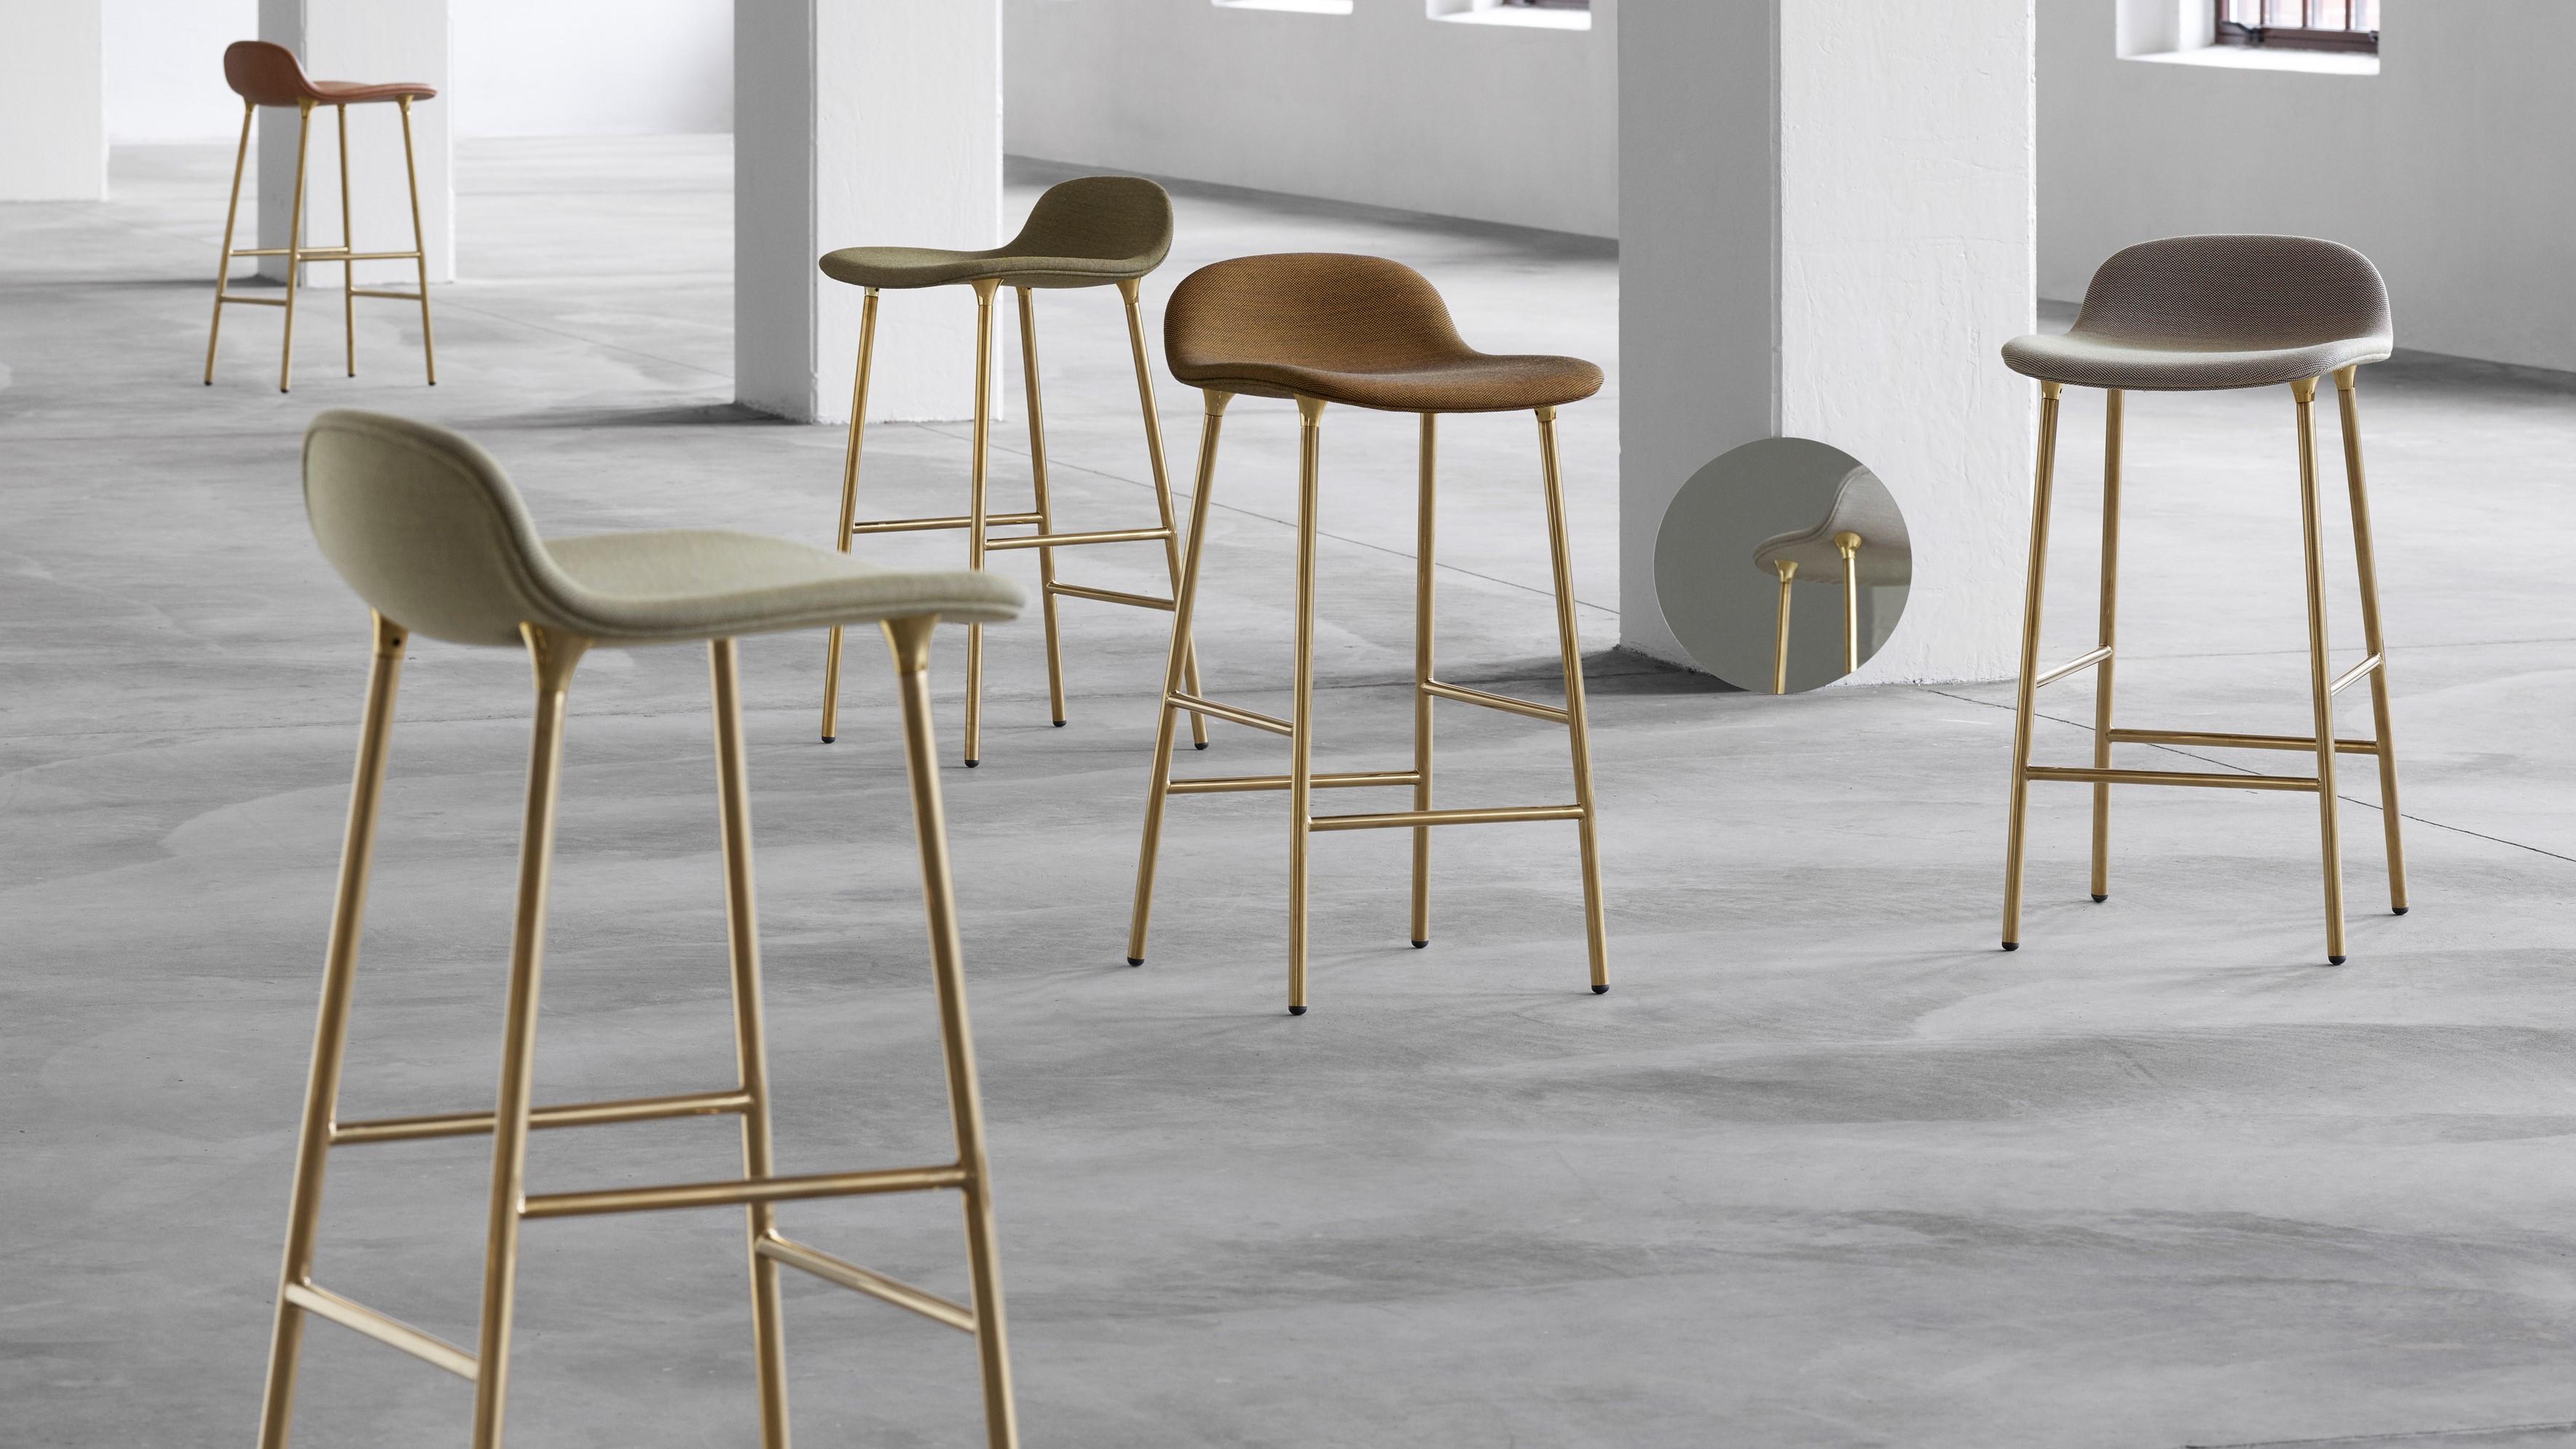 Barstools   Minimalistic designs